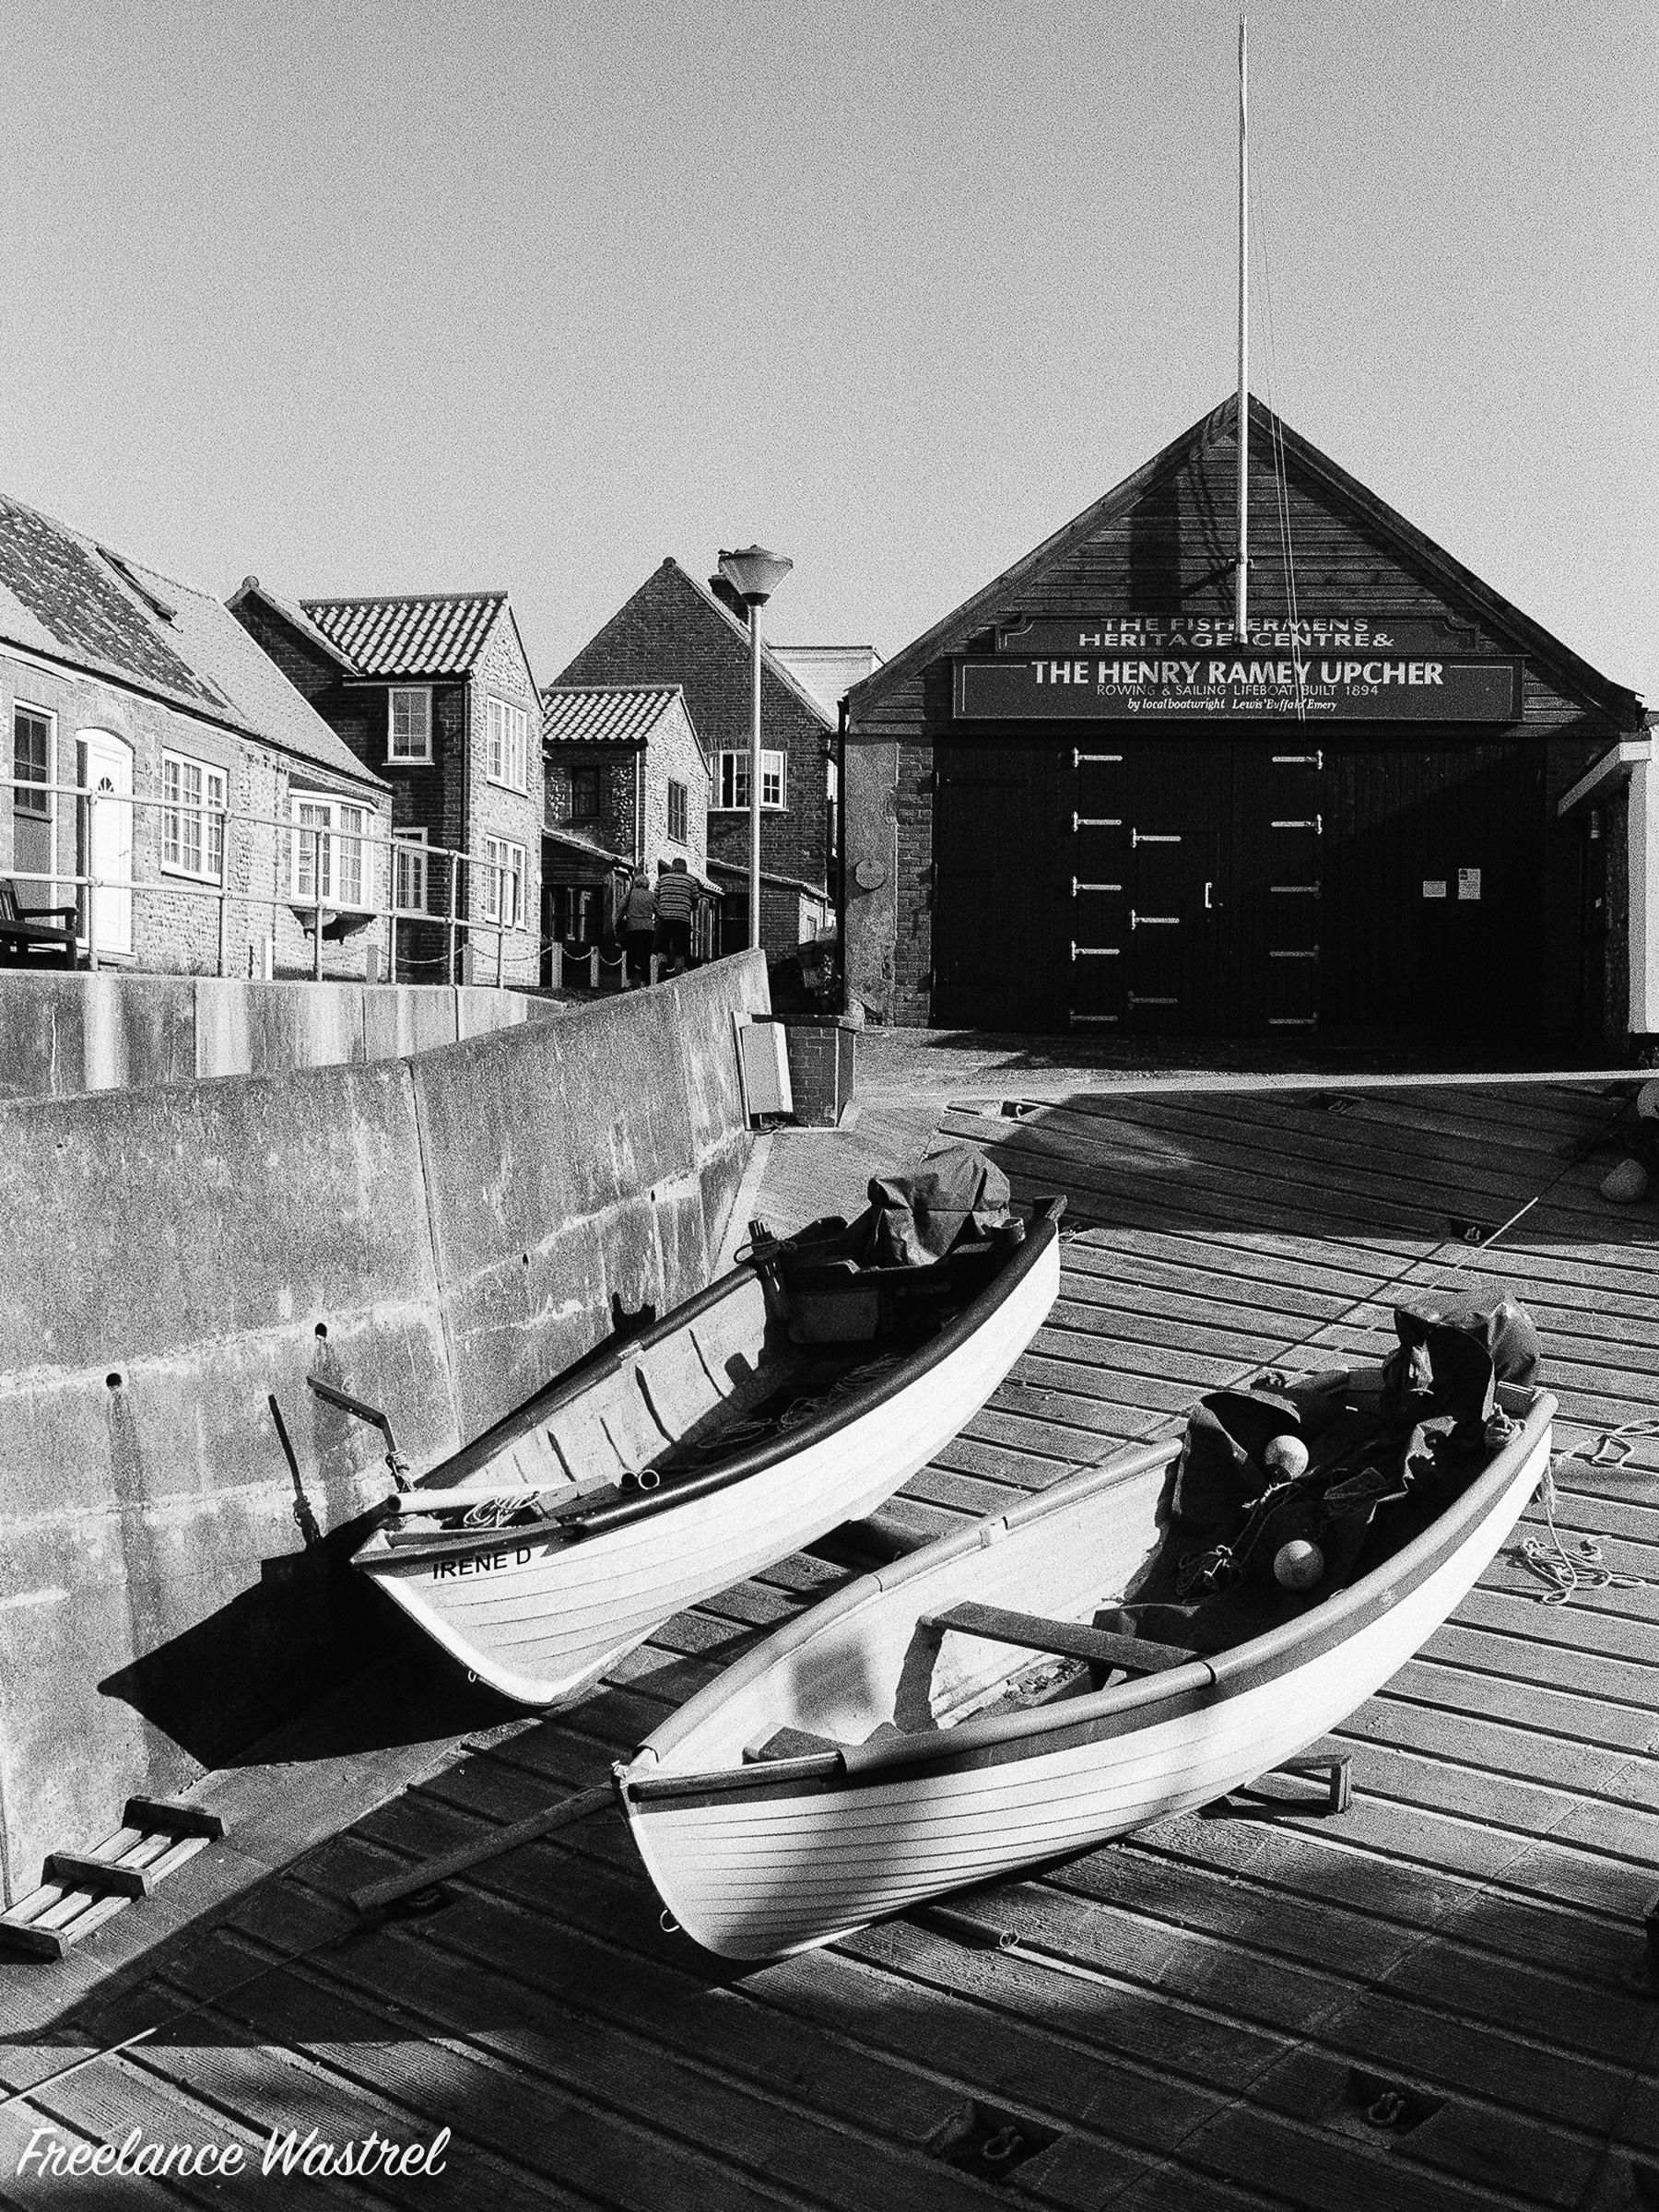 Sheringham Lifeboat Museum